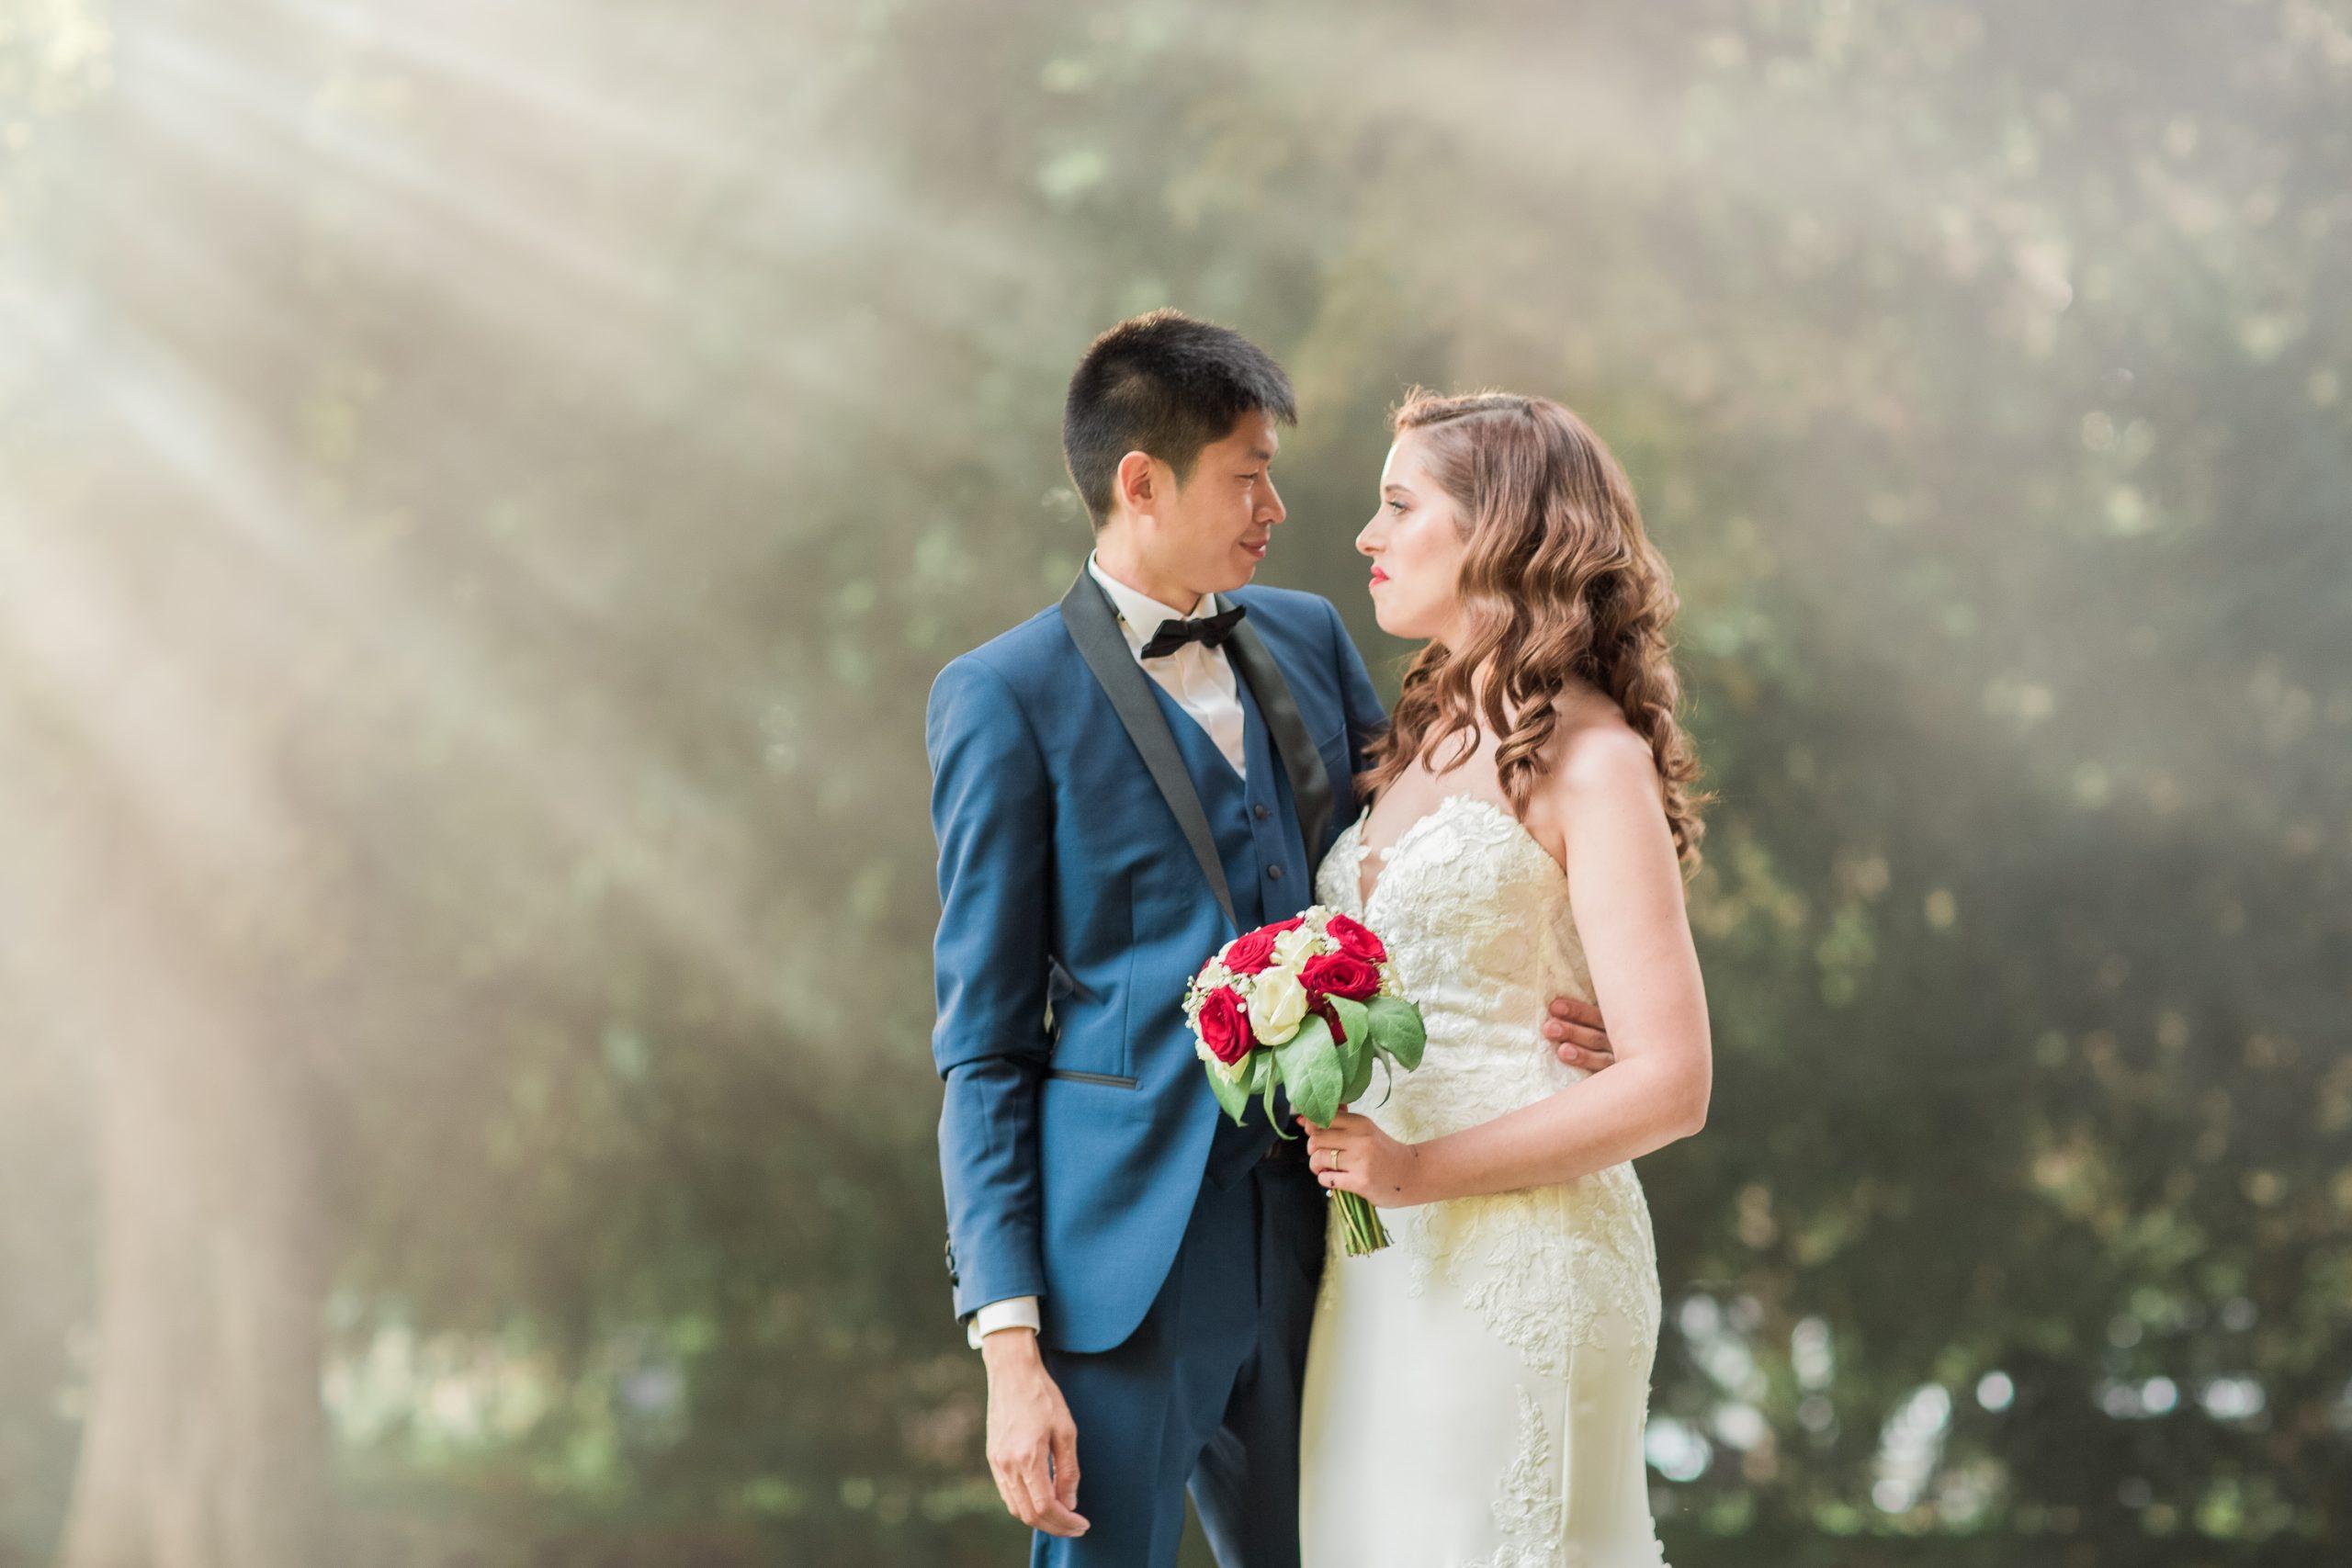 photographie-mariage-à-contre-jour-chateau-nandy-77